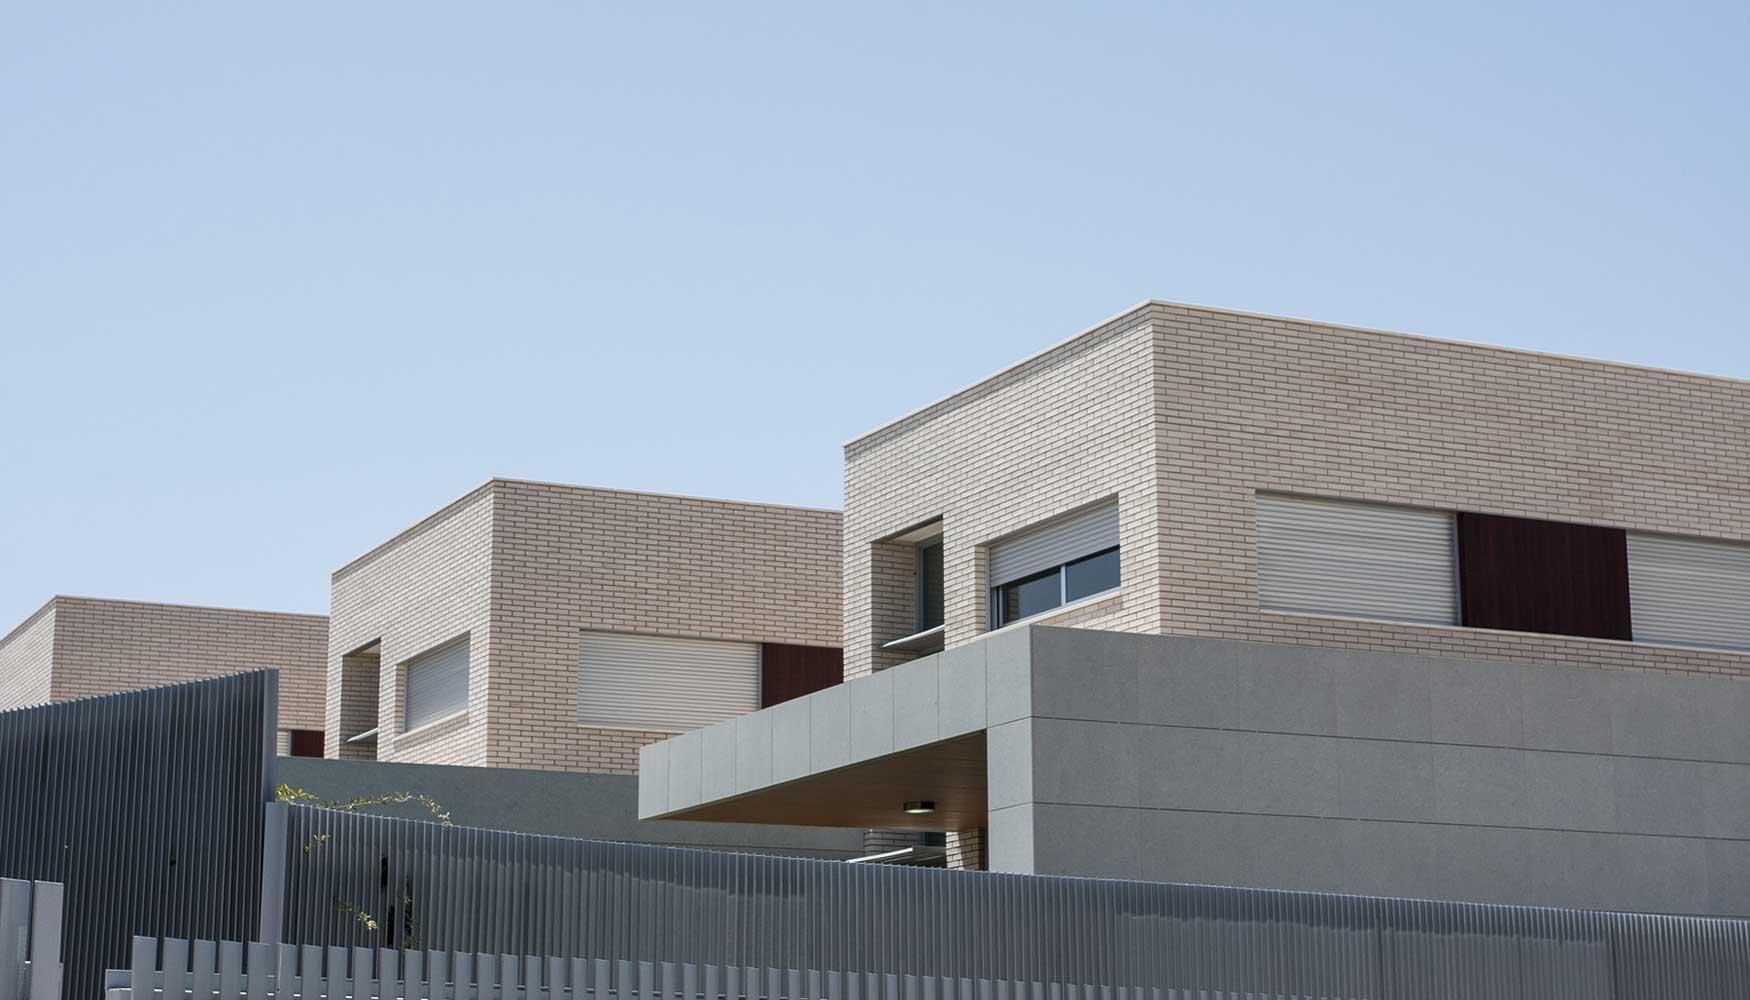 Ventanas De Seguridad Para Casas Great Cerrajera En Madrid Rejas  ~ Ventanas De Seguridad Para Casas